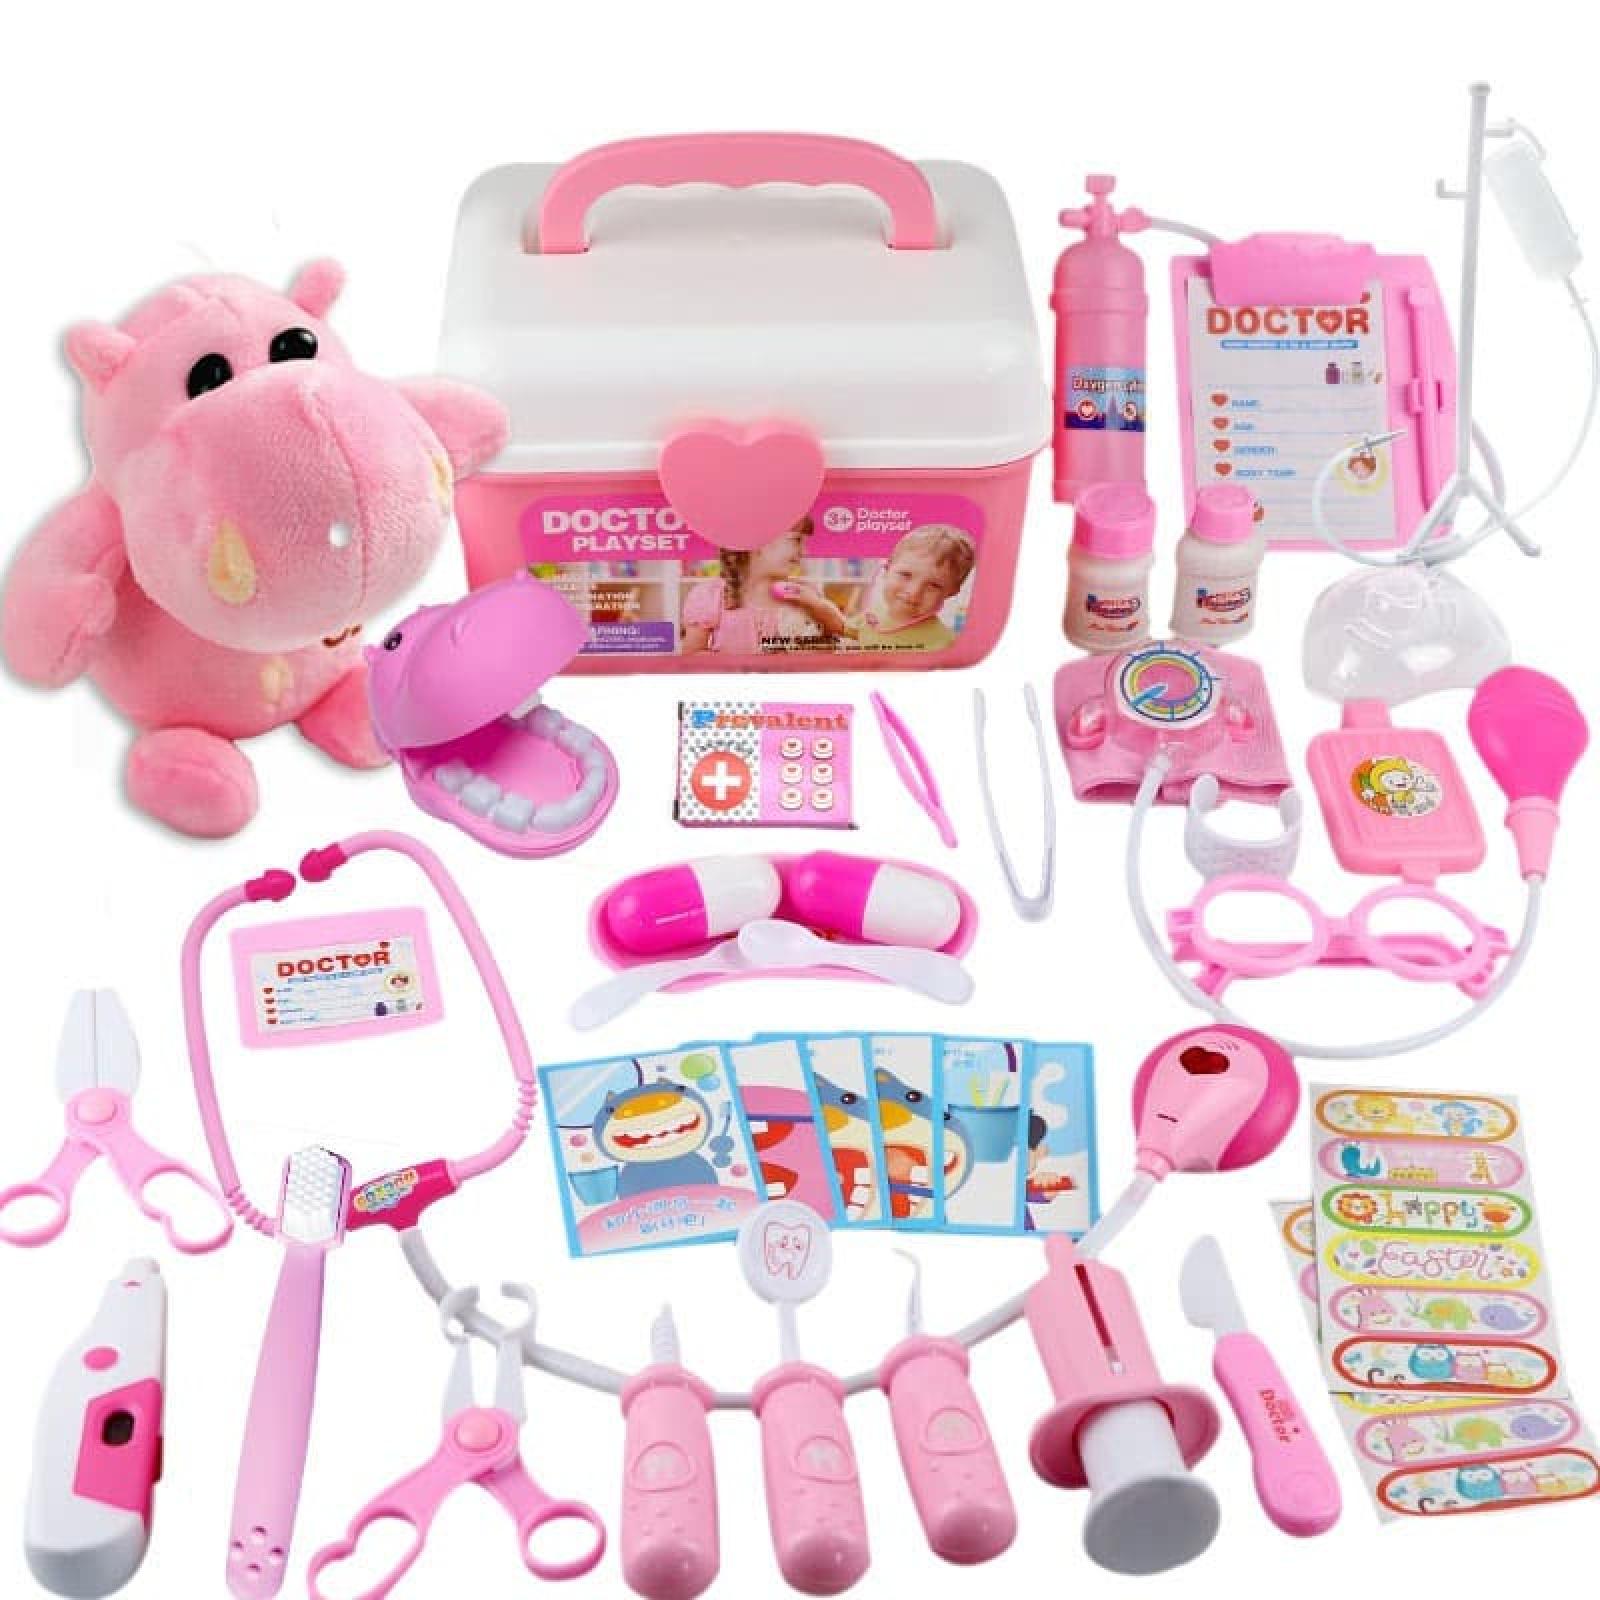 Bộ đồ chơi bác sĩ cho bé hộp nhựa mang đi tiện lợi 011